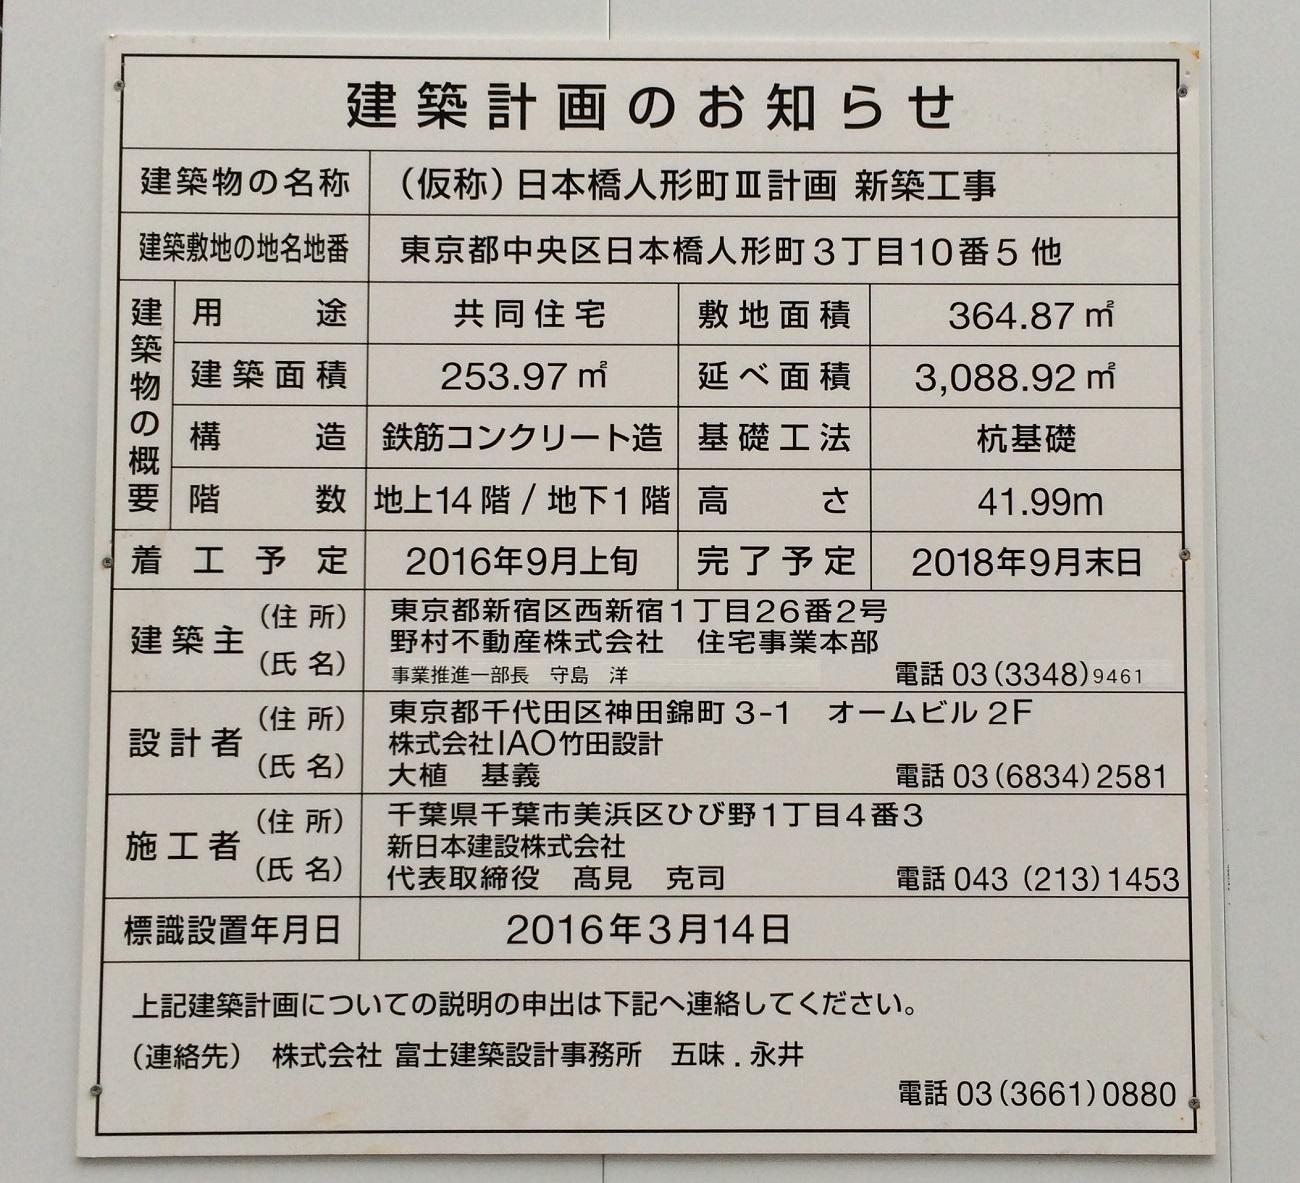 プラウド日本橋人形町Ⅲ(トレサージュ)建築計画